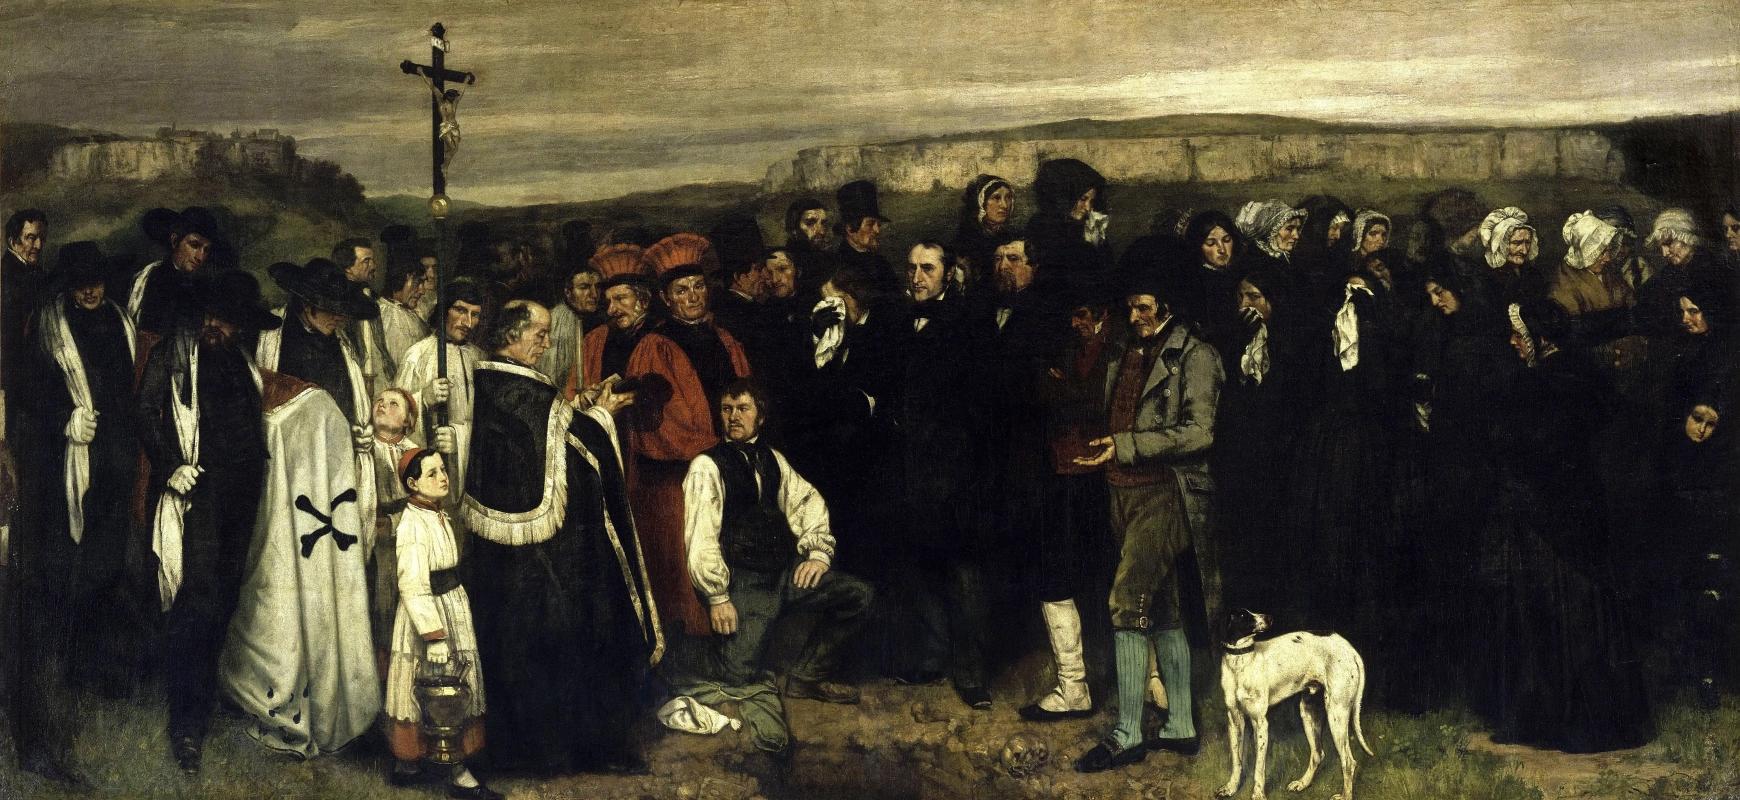 Похороны в ОрнансеГюстав КурбеЖивопись, 1850, 668 × 315 см Musee d'Orsay, Париж